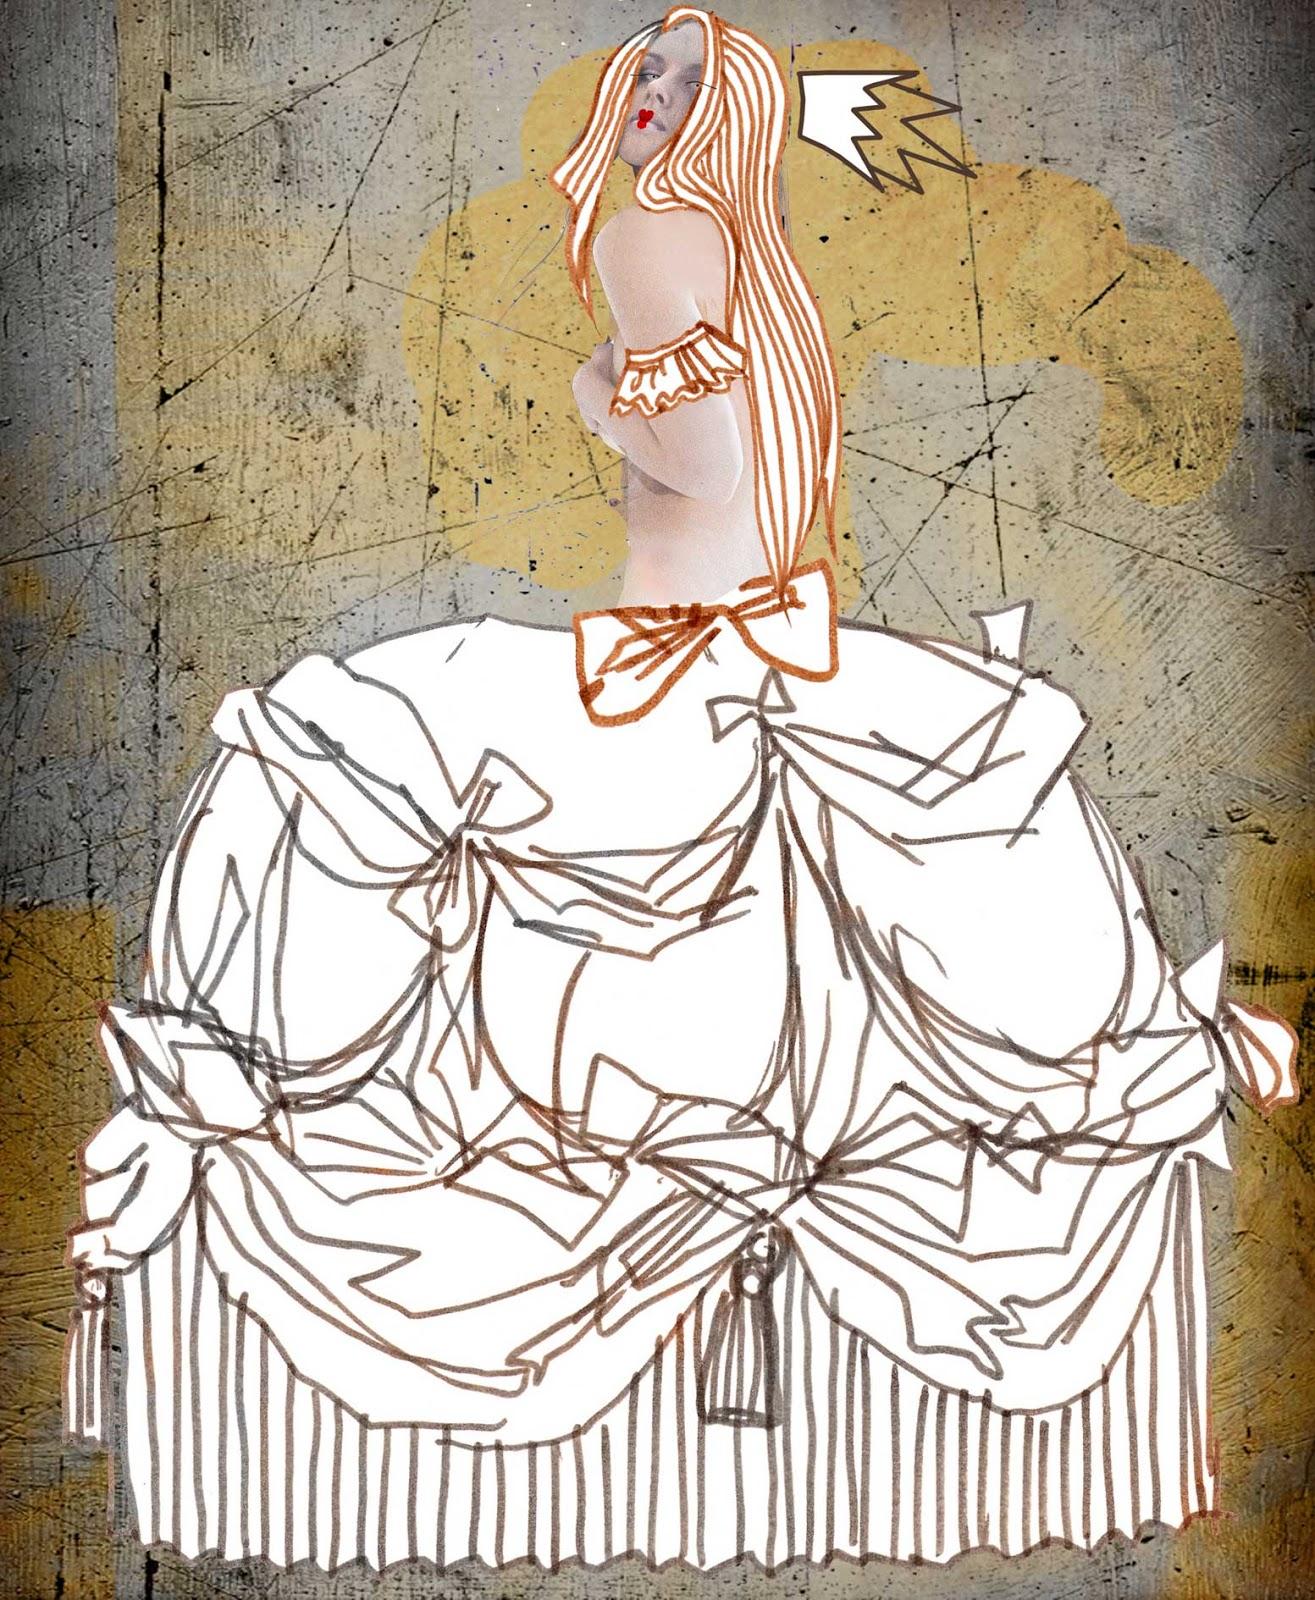 ilustracje make up kobieta kobiece Urbaniak portrety ilustracja na blogi strony internetowe do artykułów wierszy opowiadań illustration for magazines articles book poems princess